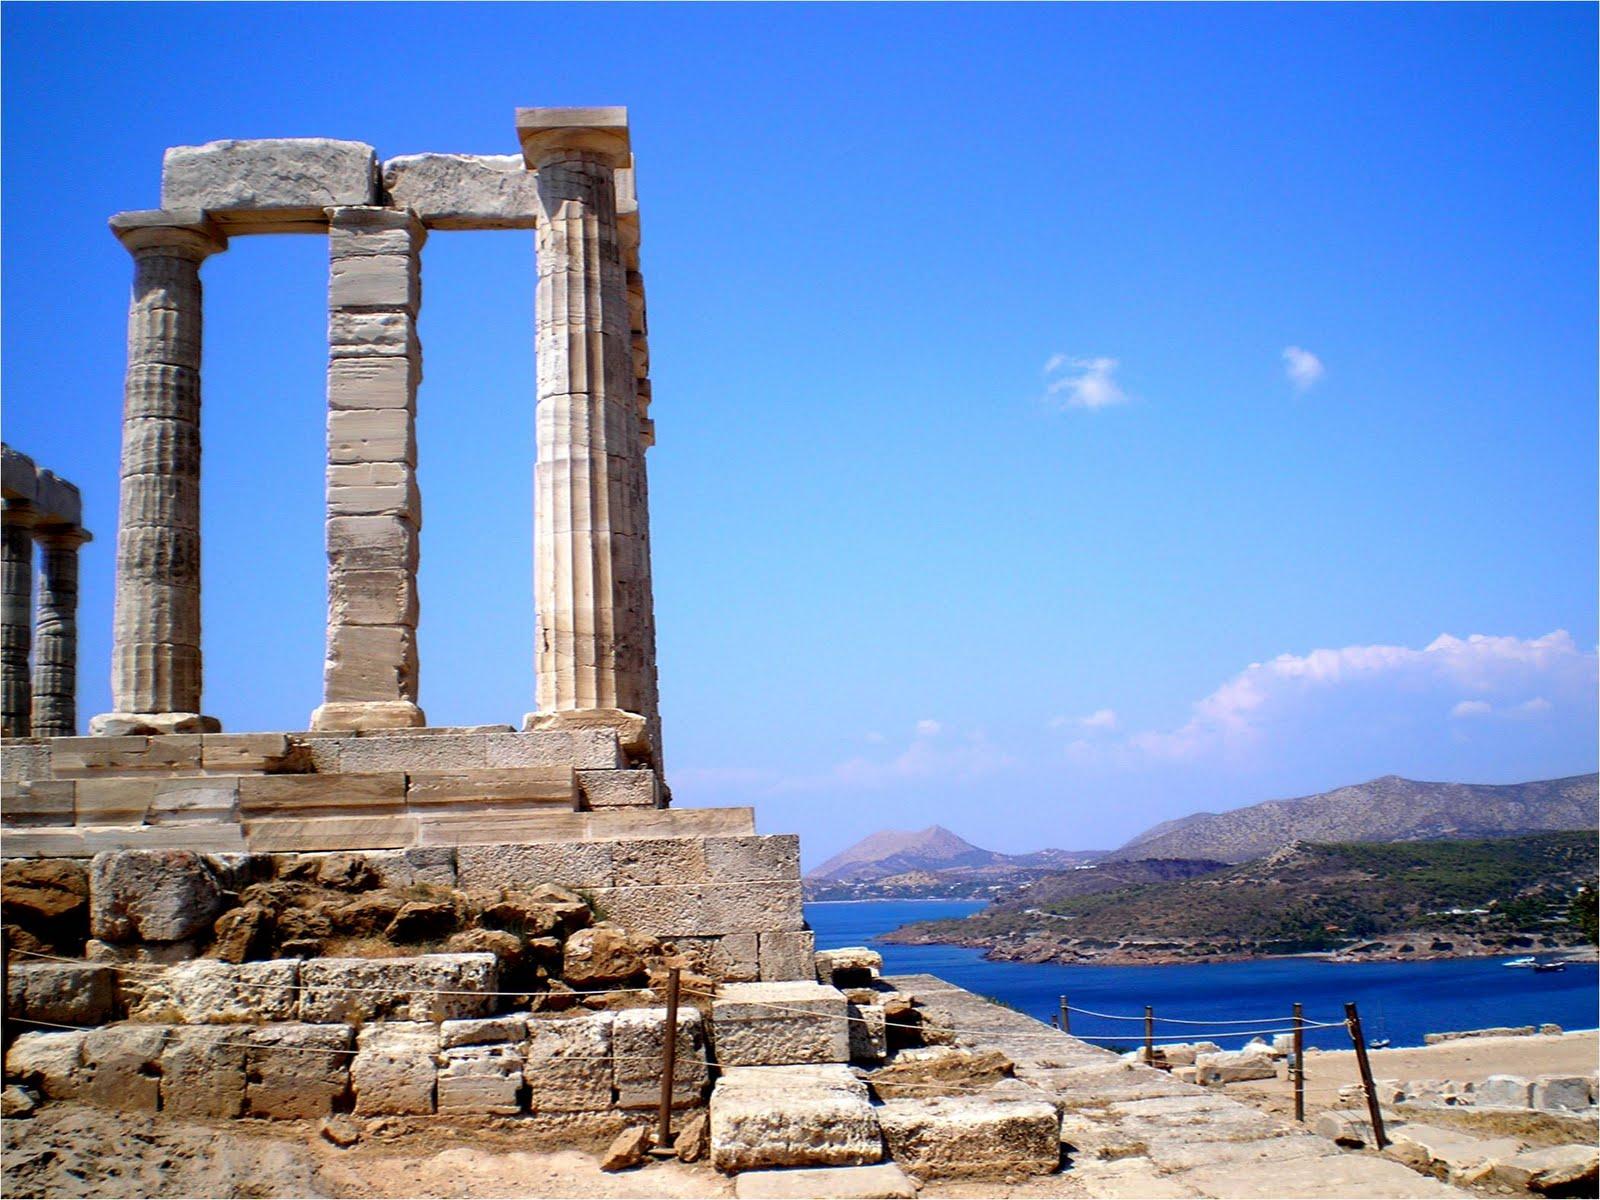 Savaitės trukmės išvyka į Graikijos sostinę